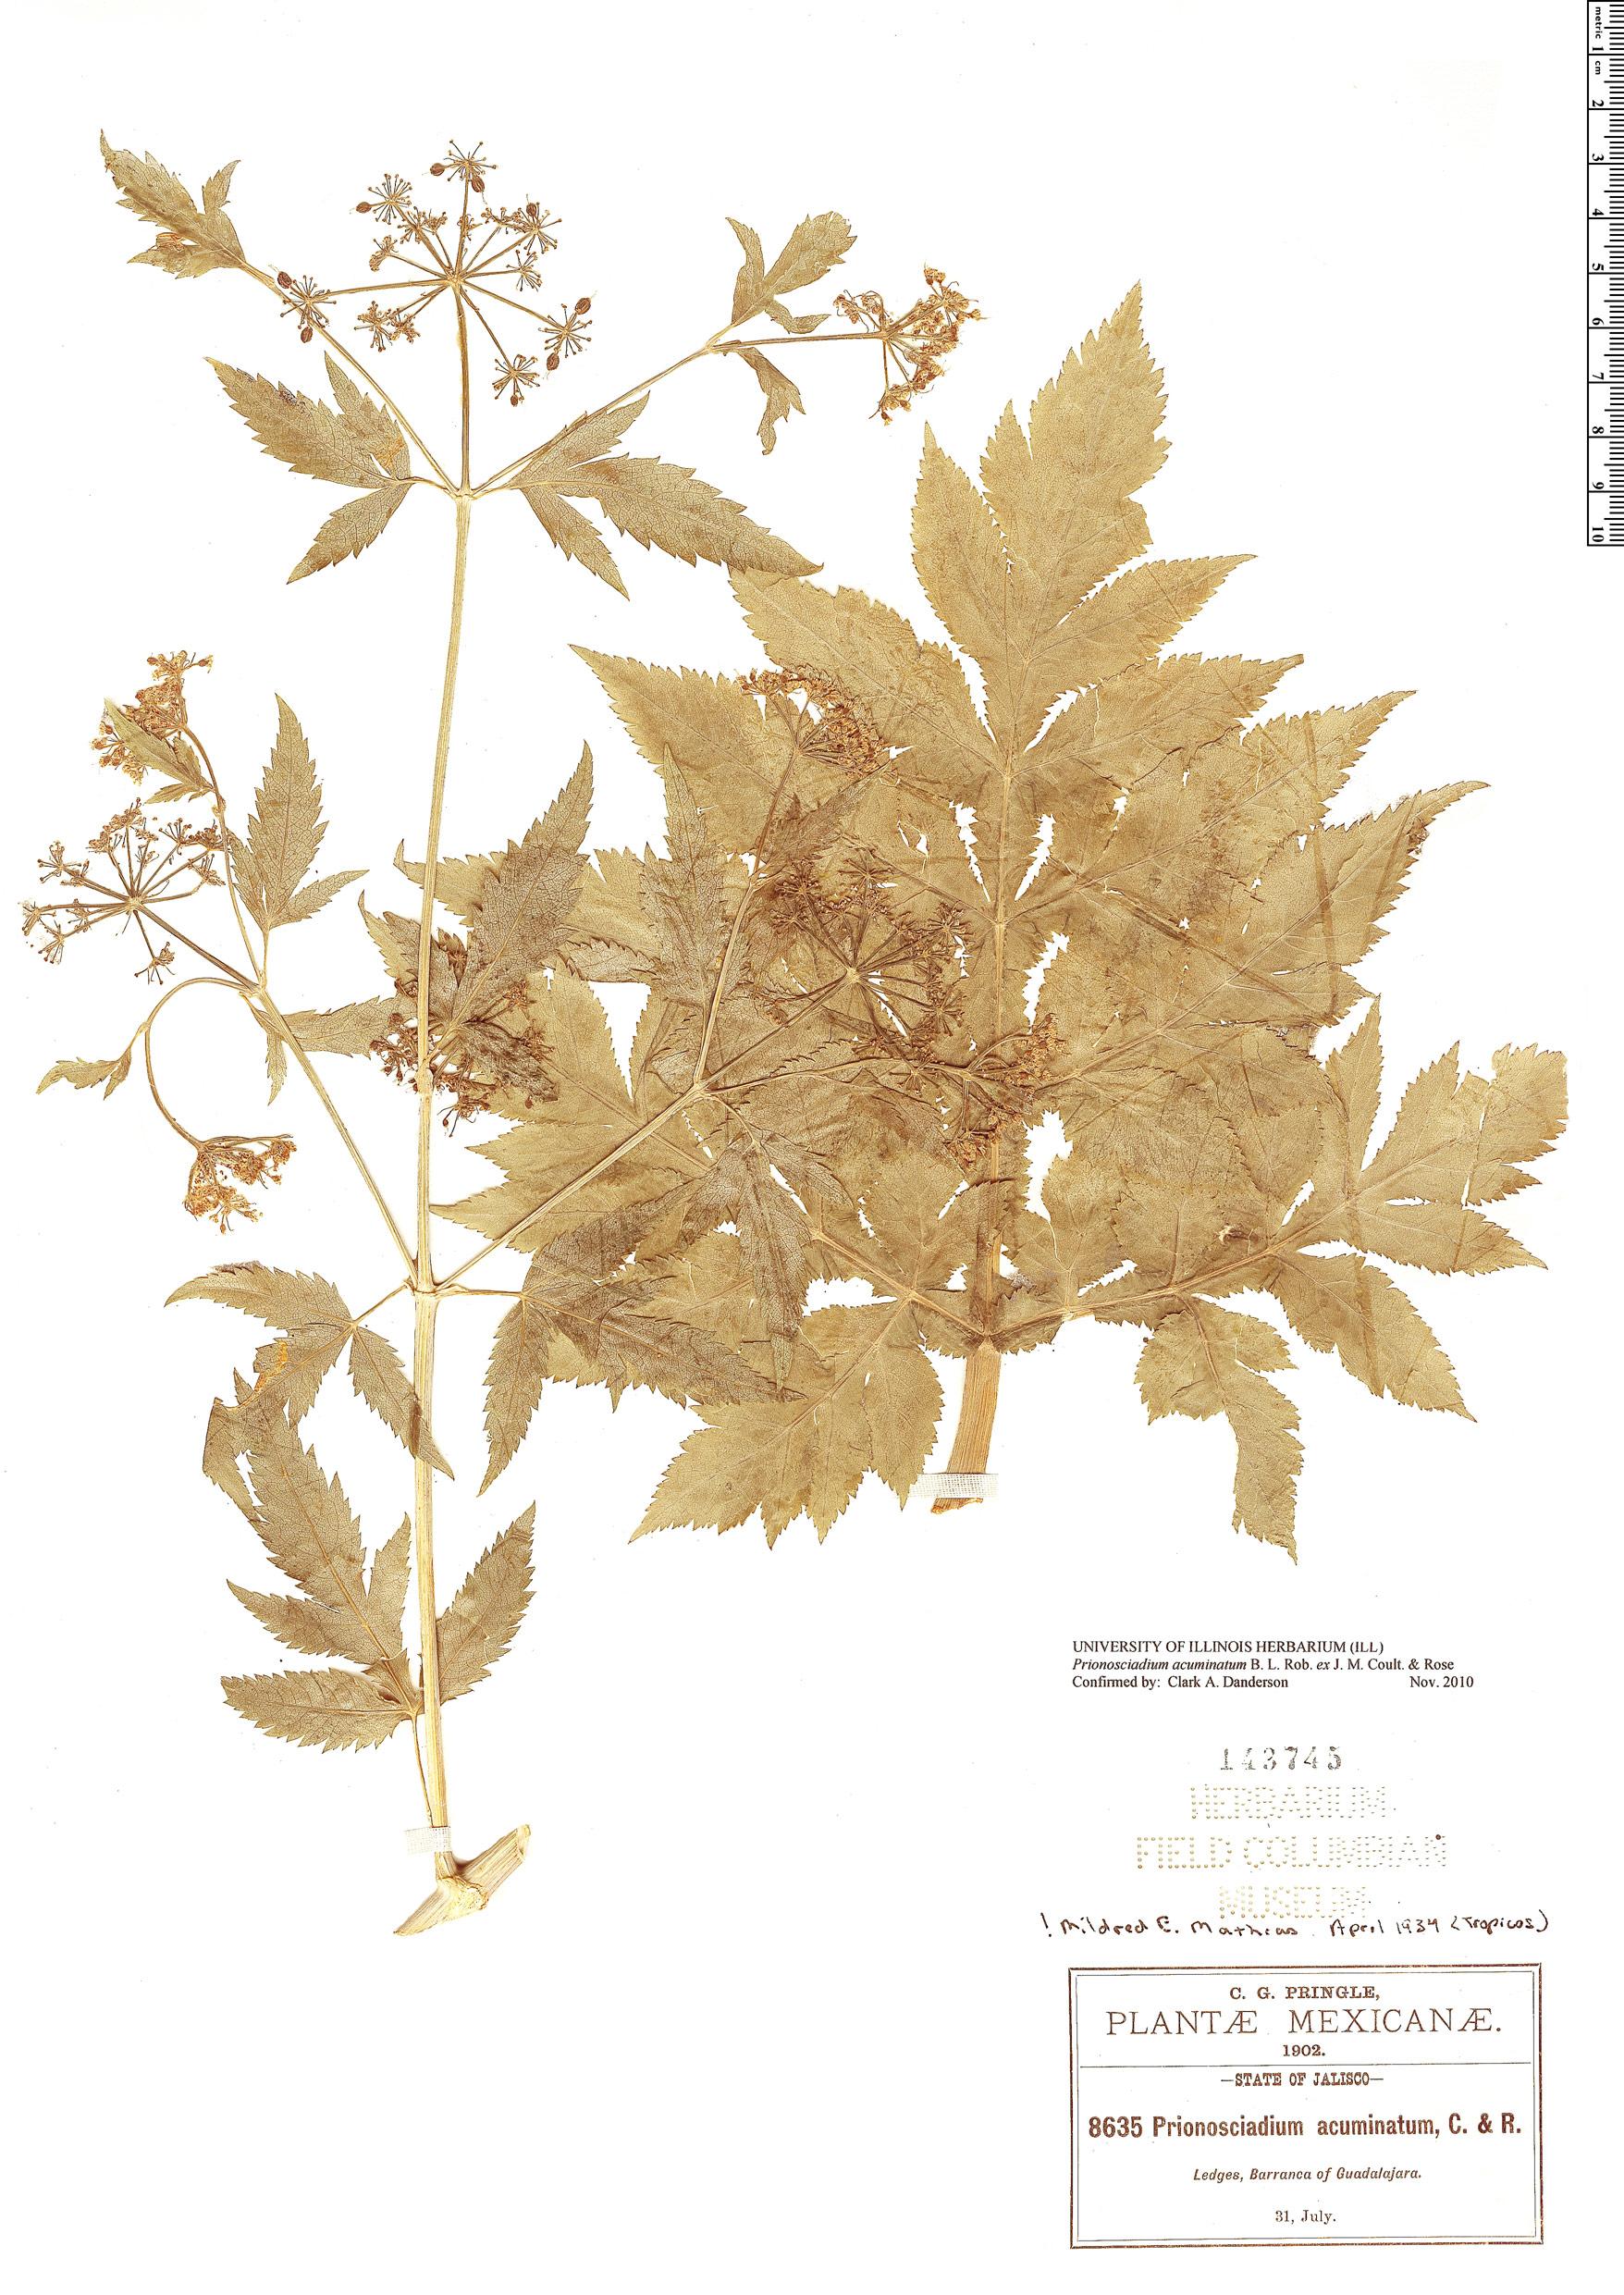 Specimen: Prionosciadium acuminatum